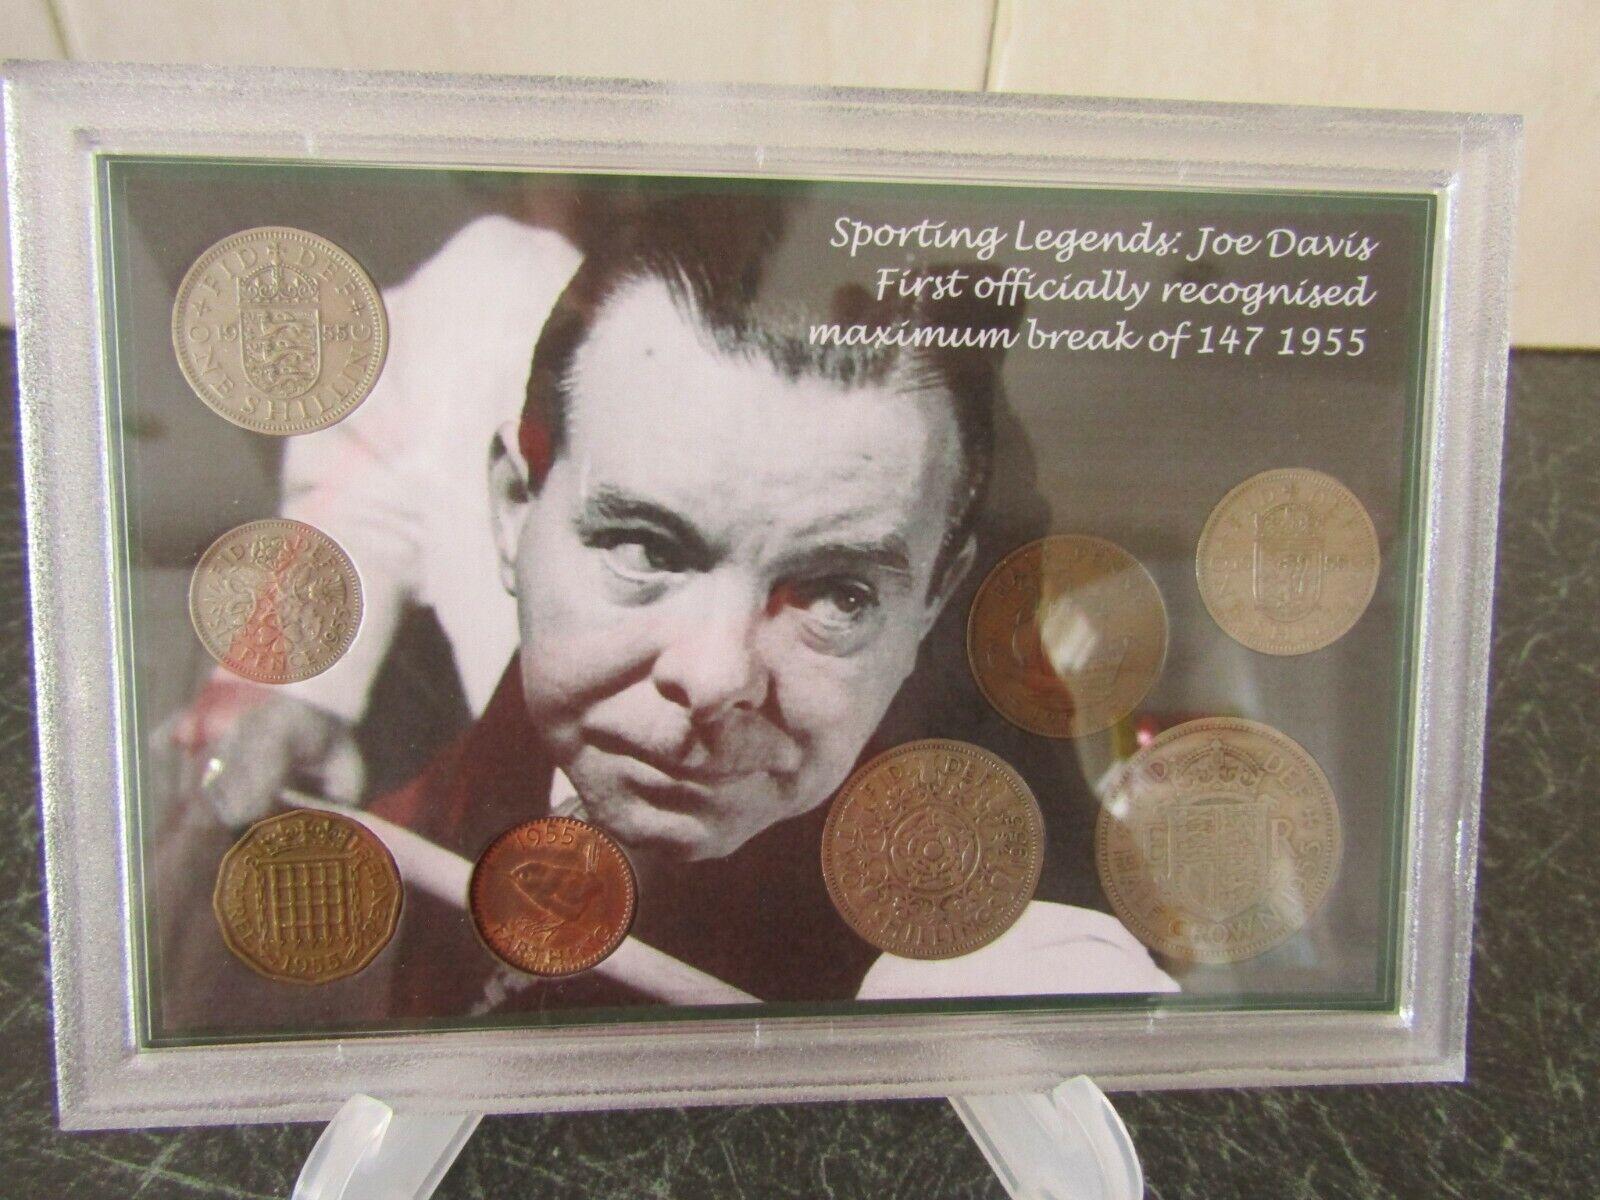 Snooker Legends JOE DAVIS First maximum (147) break 1955  COIN GIFT SET  NEW